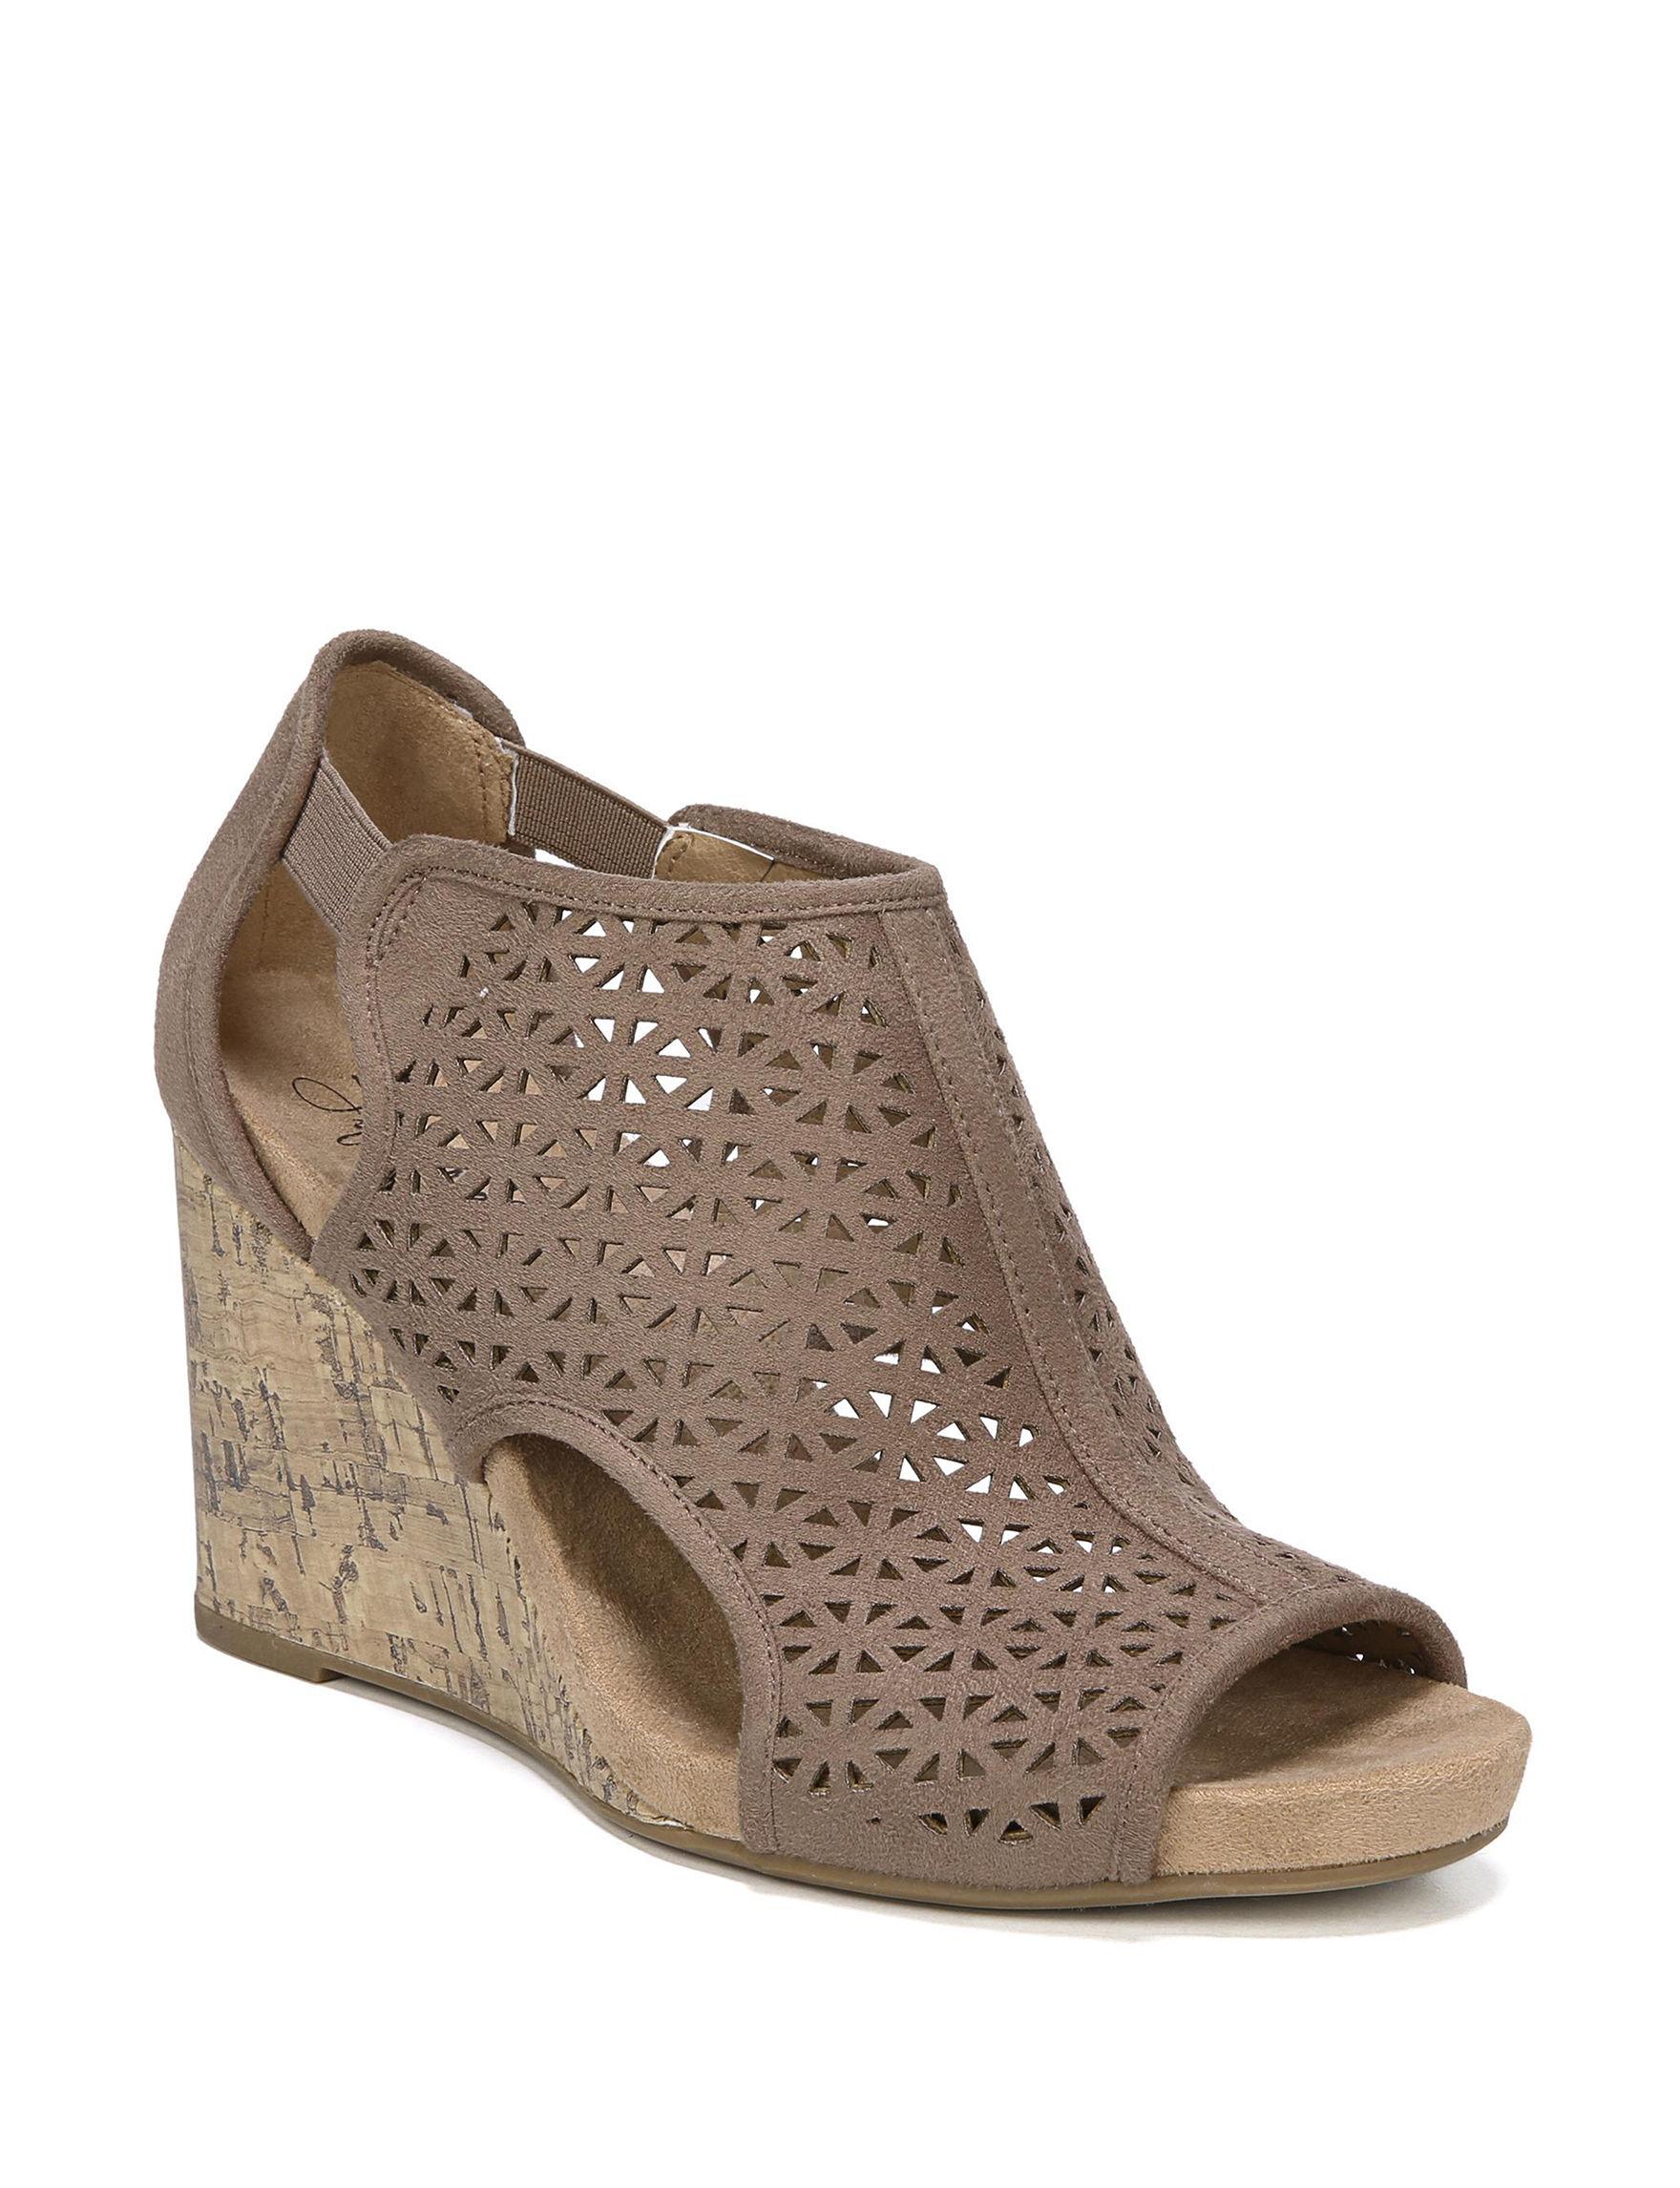 Lifestride Mushroom Peep Toe Wedge Sandals